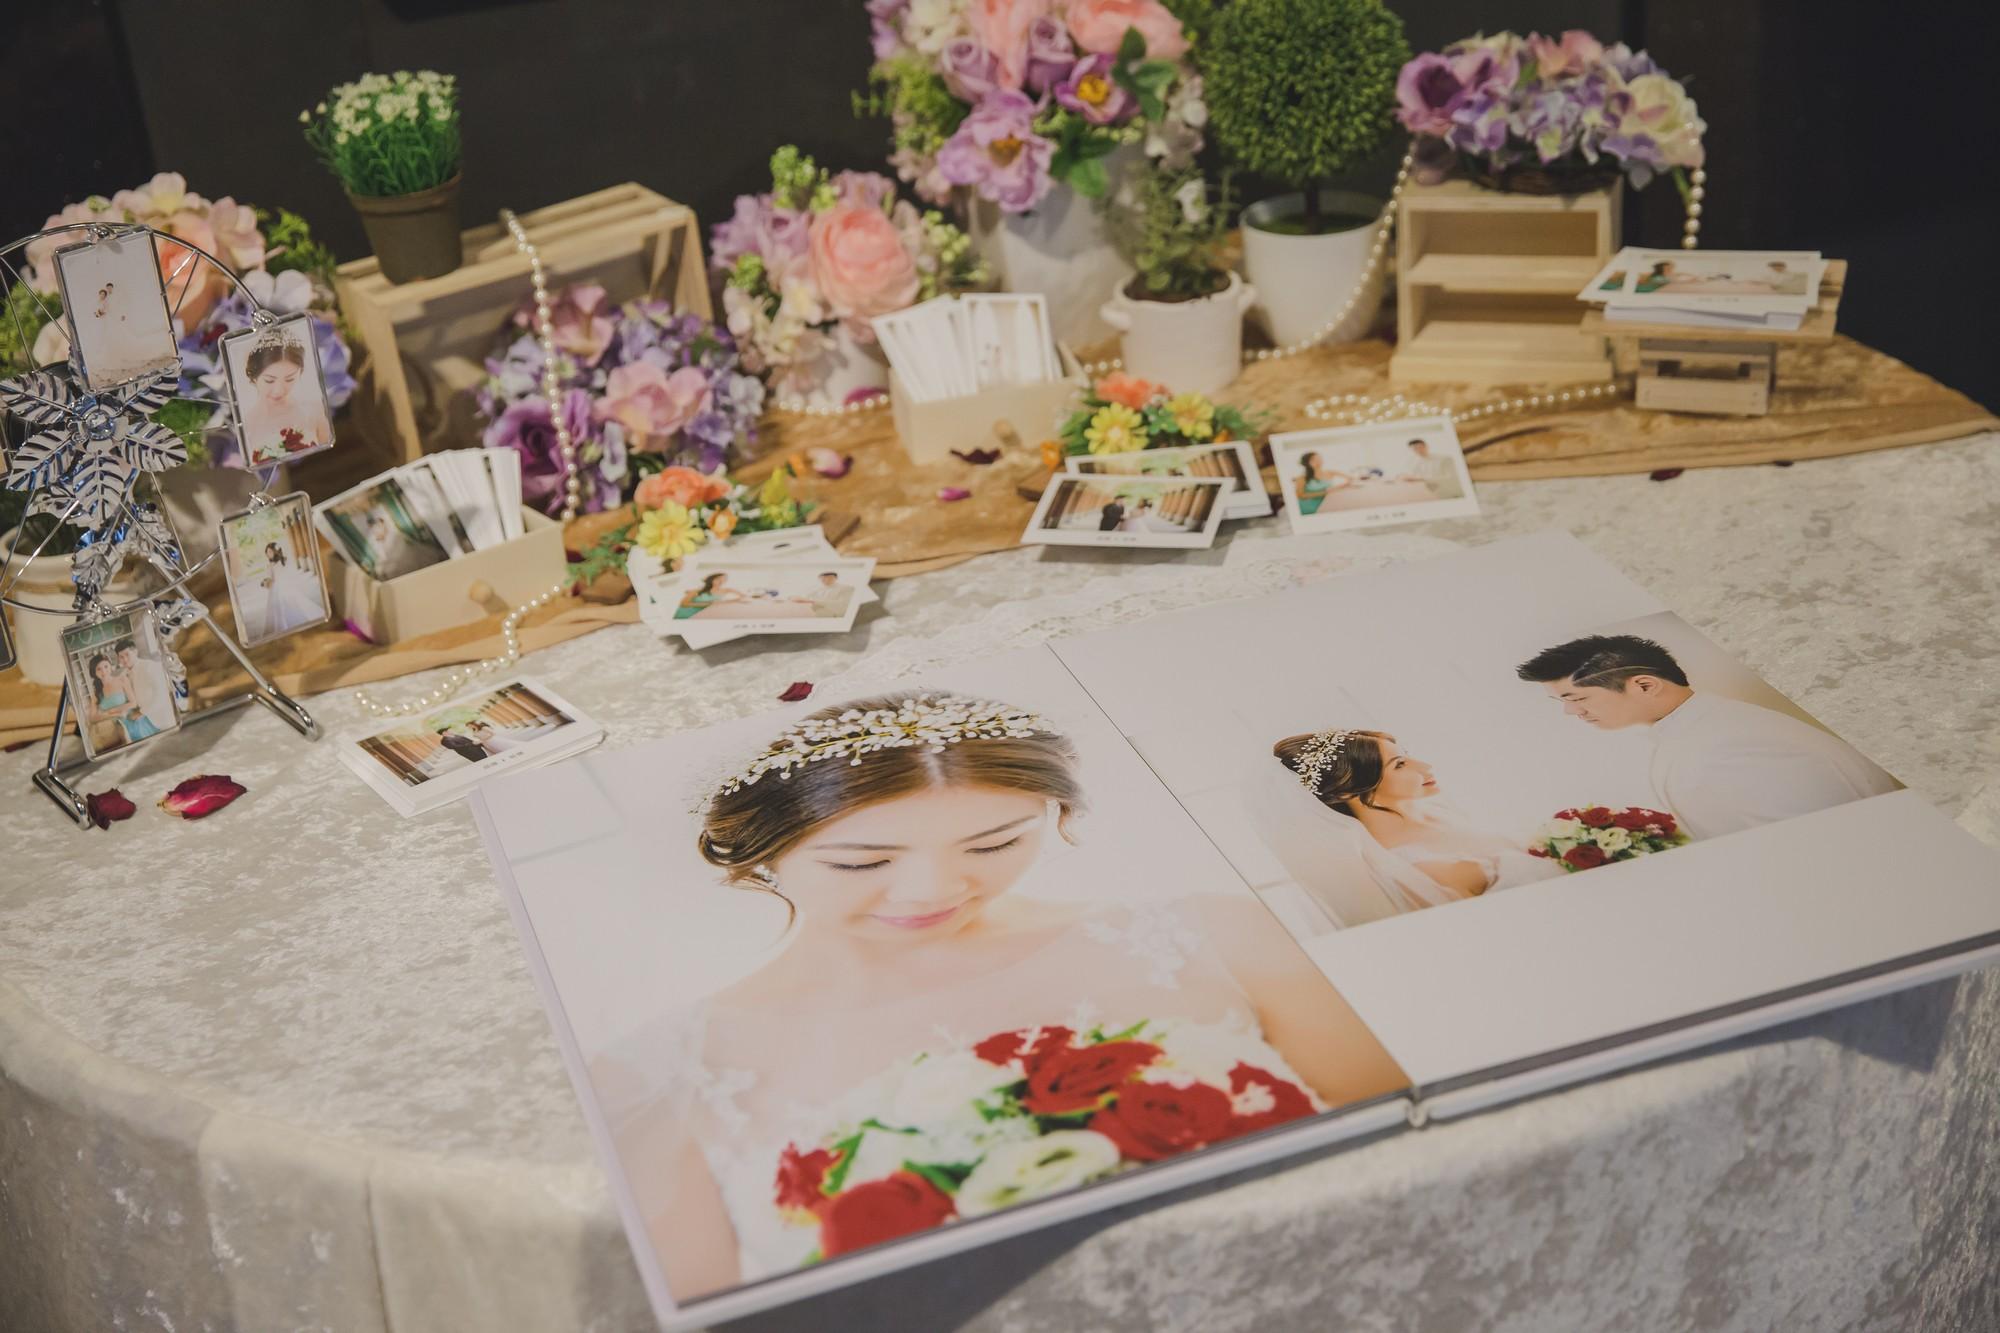 婚紗照輸出,喜帖設計,婚禮小物,婚紗相簿